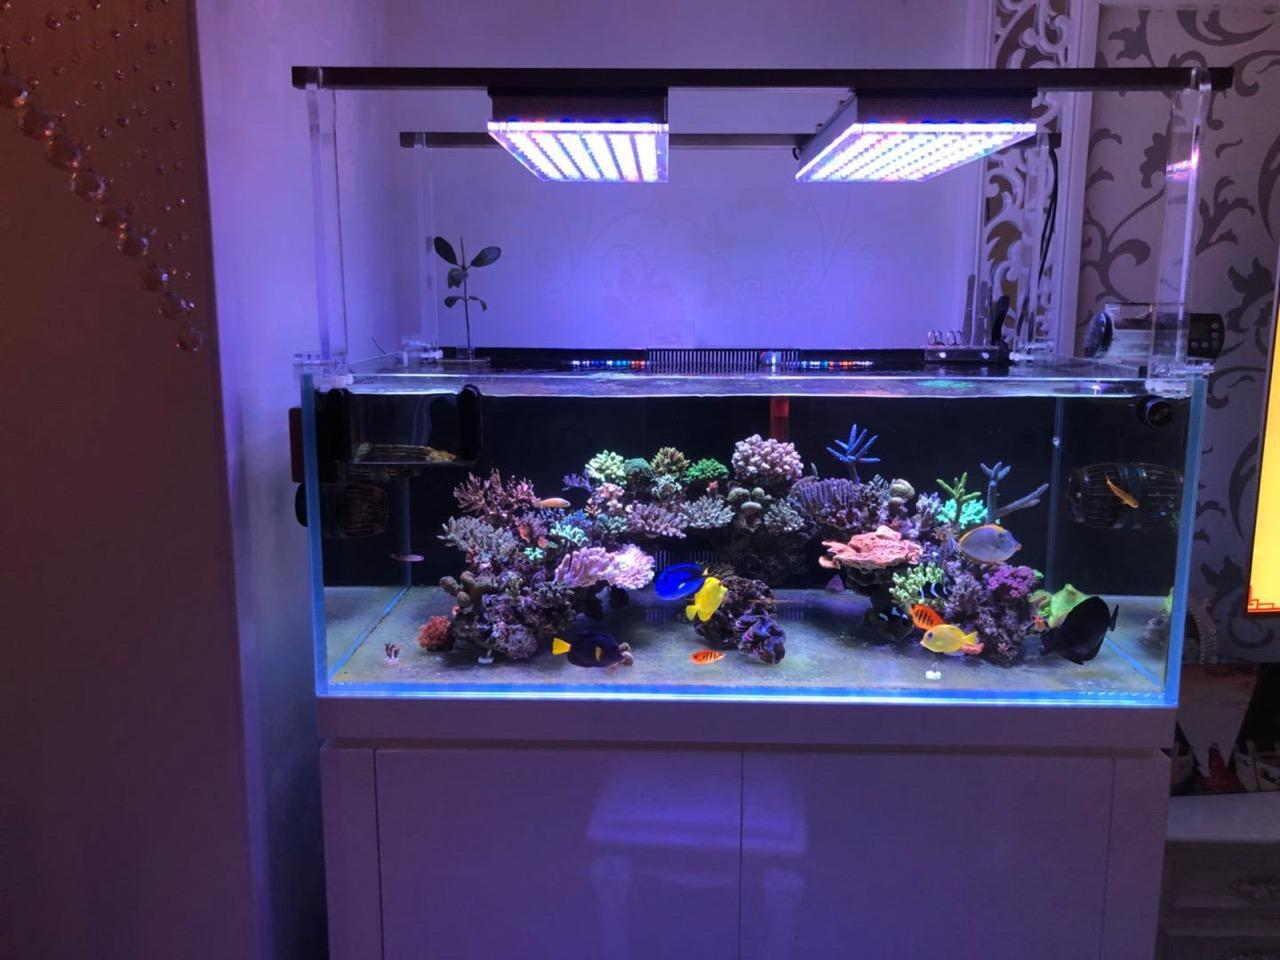 Montering af akvarium LED belysning